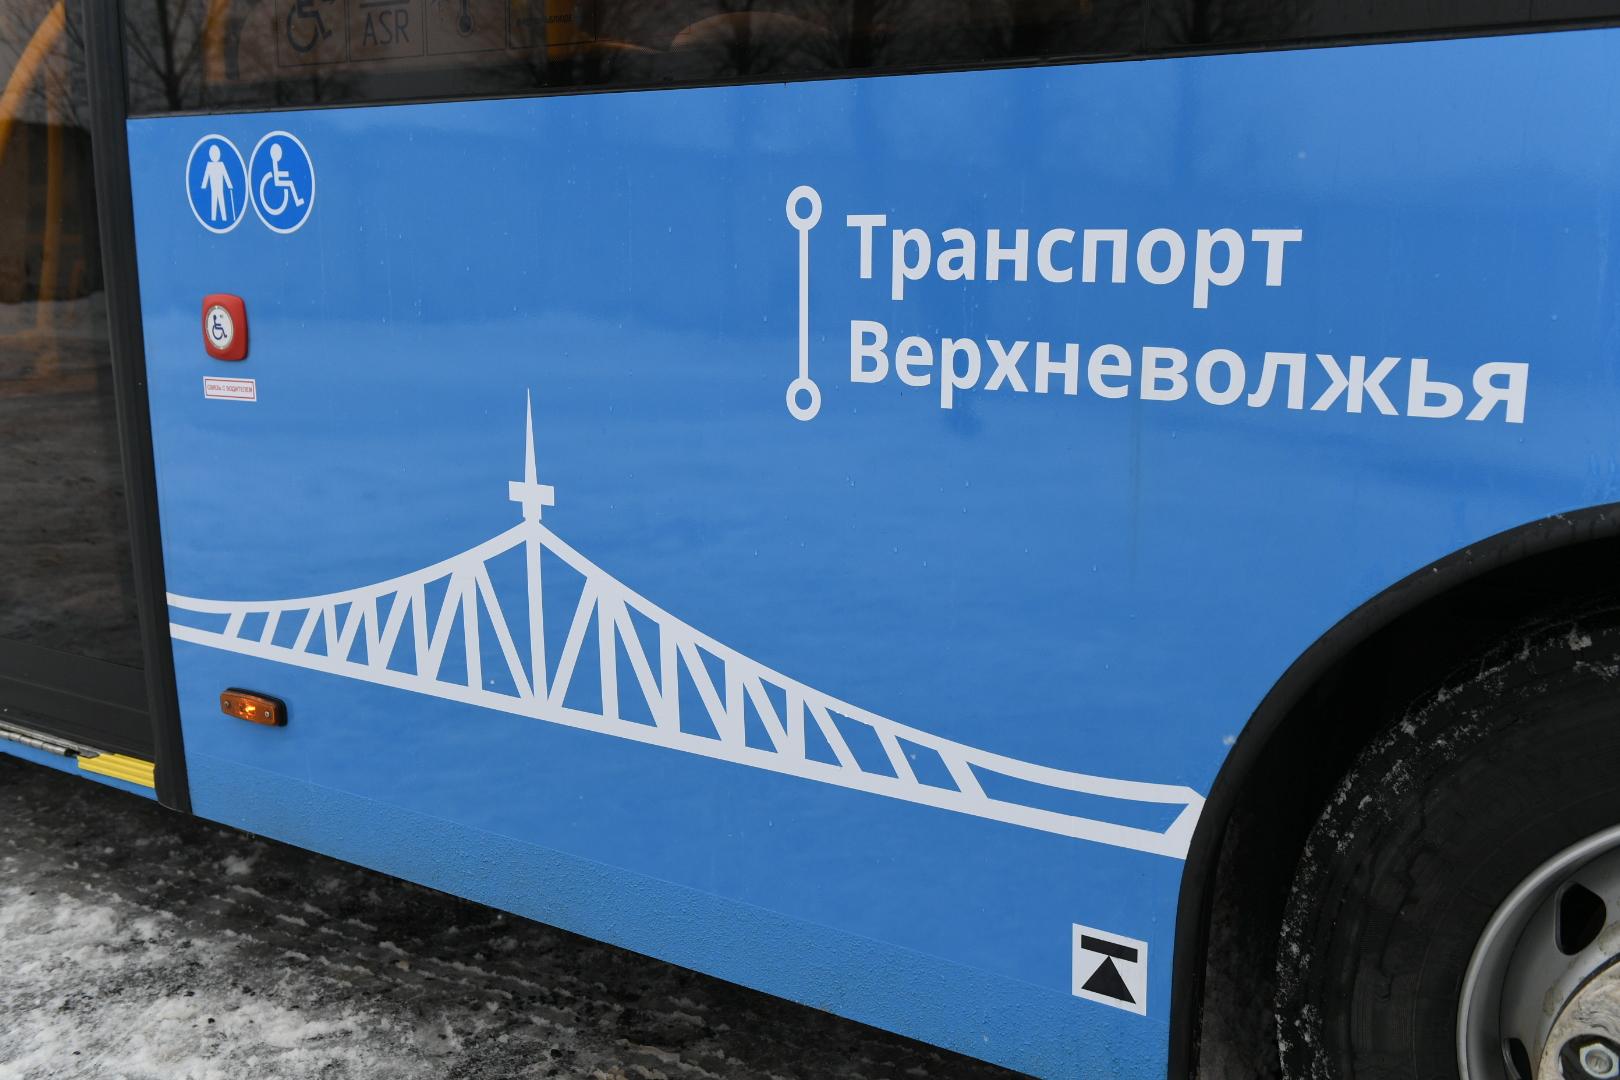 Константин Дилев: Новую транспортную модель готов поддержать уже потому, что в ней созданы нормальные условия для водителей